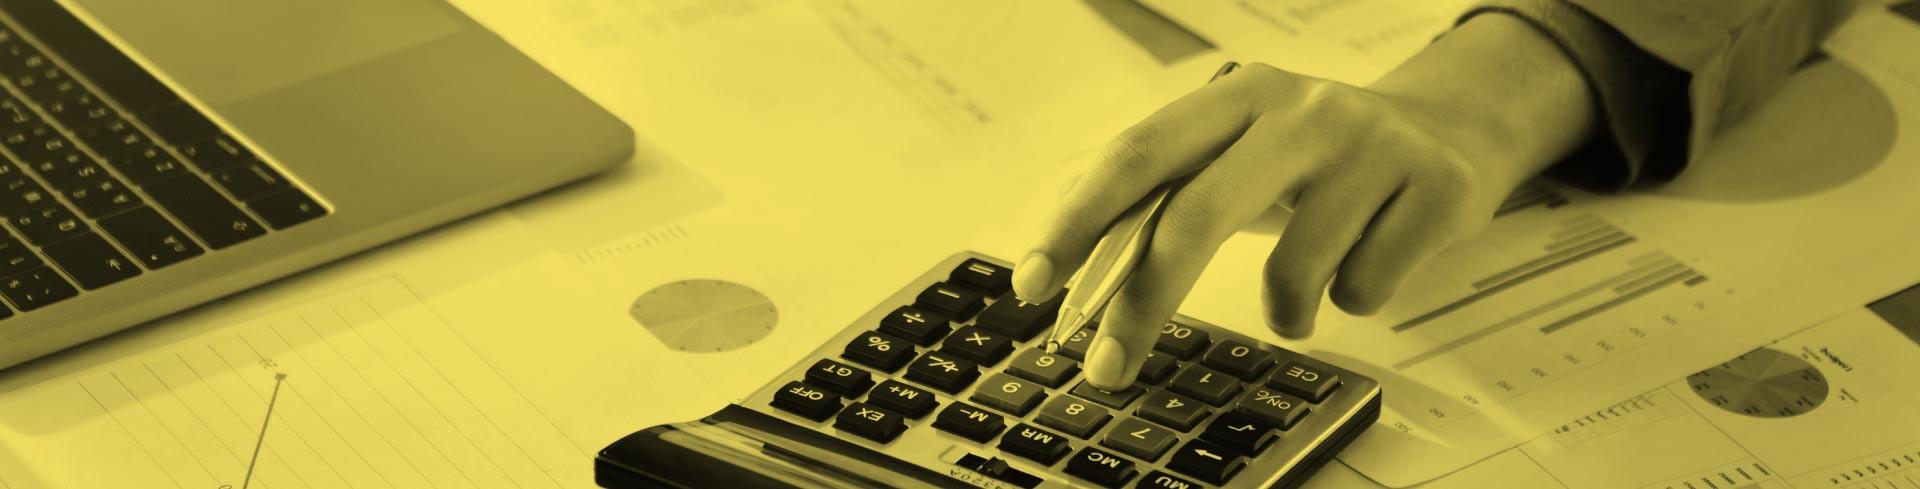 Finanzas aplicadas al ejercicio profesional y a la vida personal